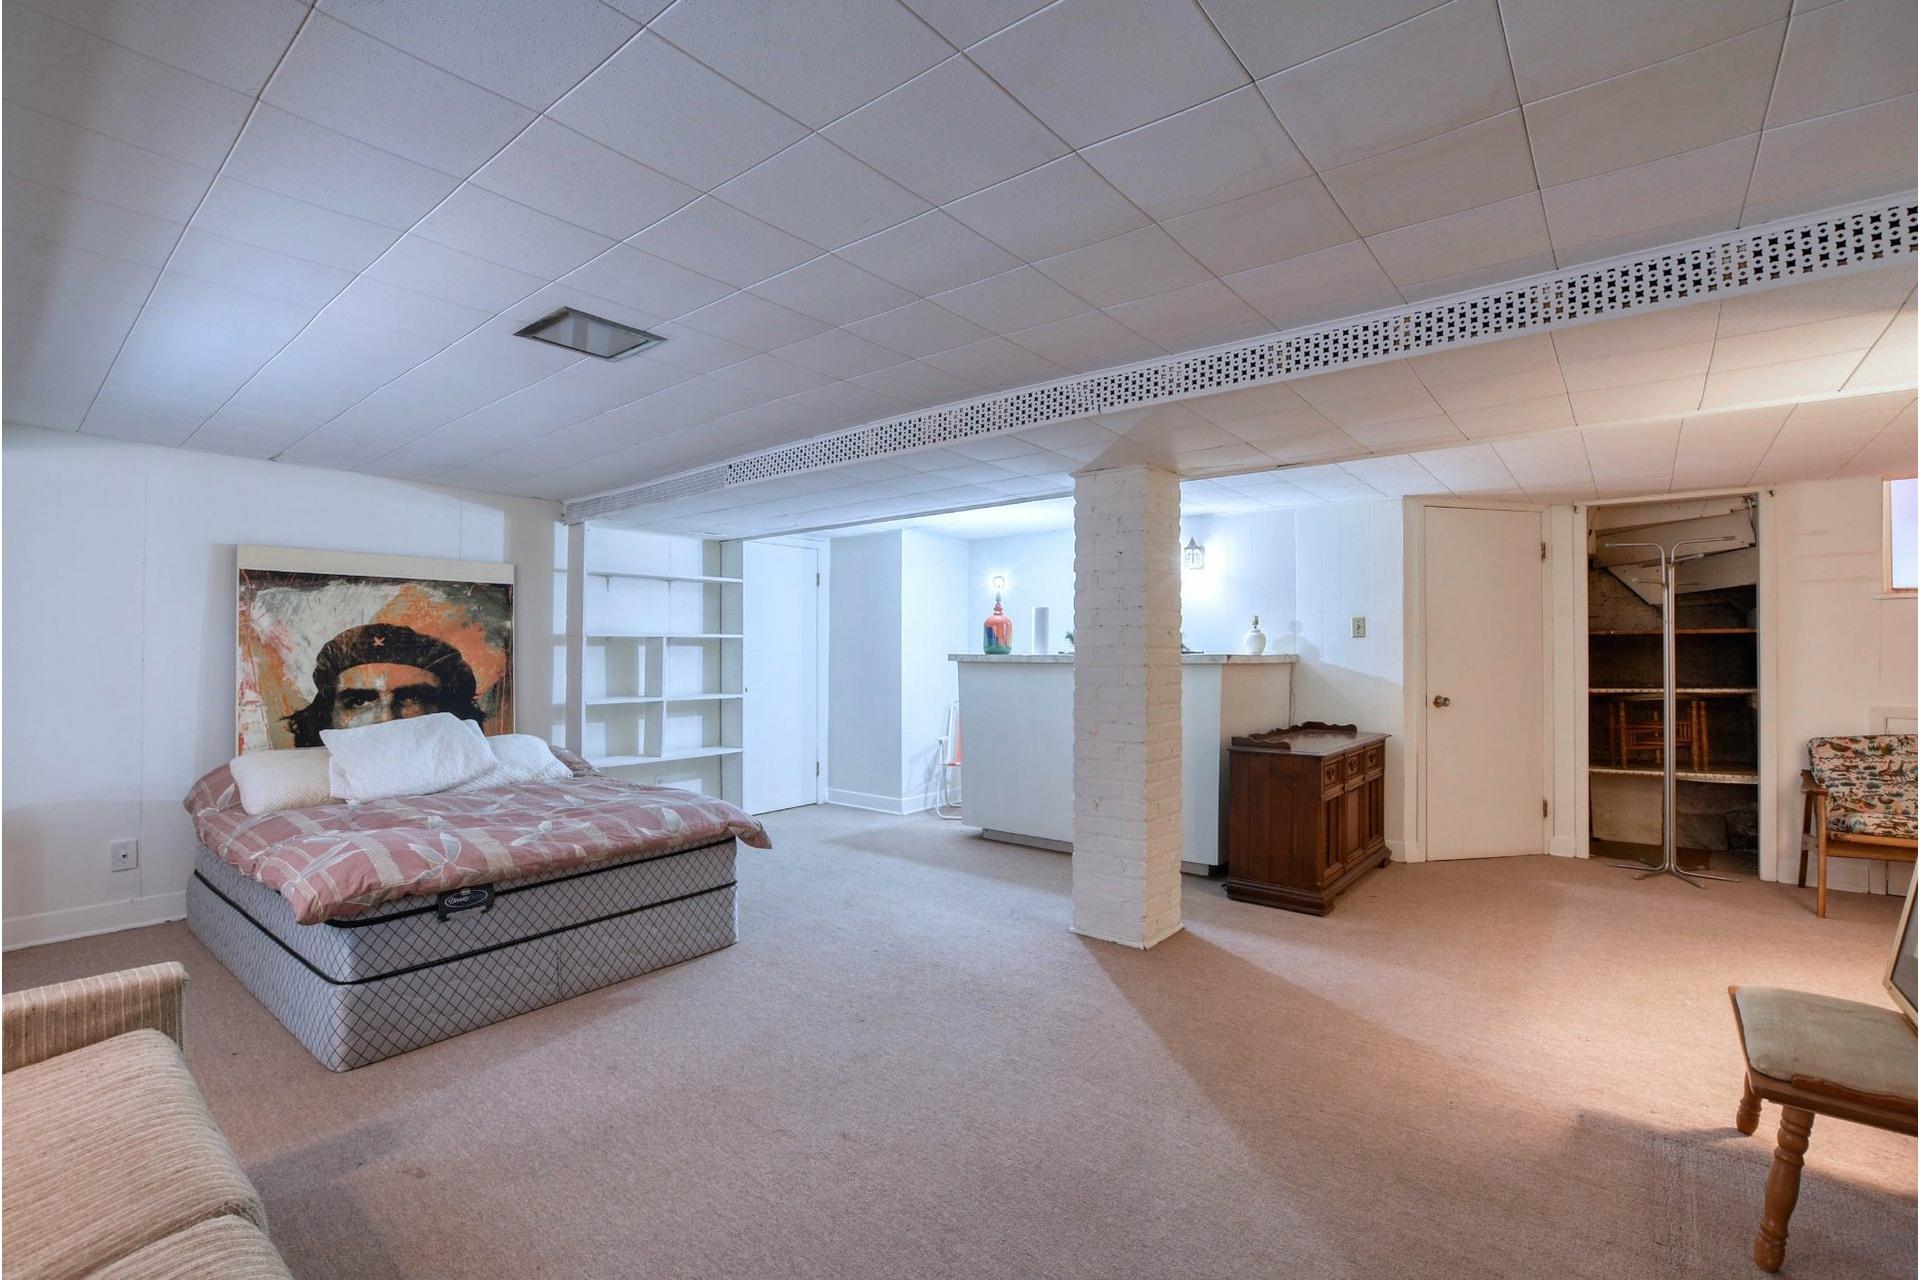 image 16 - Duplex For sale Côte-des-Neiges/Notre-Dame-de-Grâce Montréal  - 8 rooms